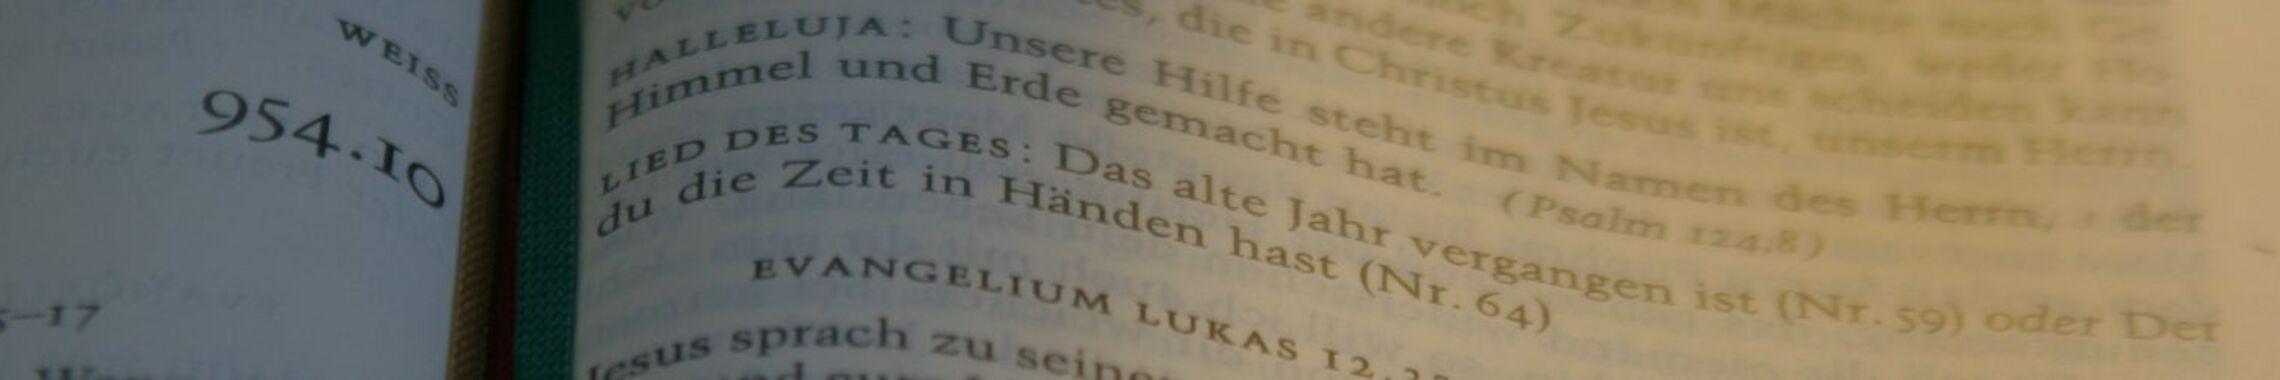 kopf_bibel_1920-250